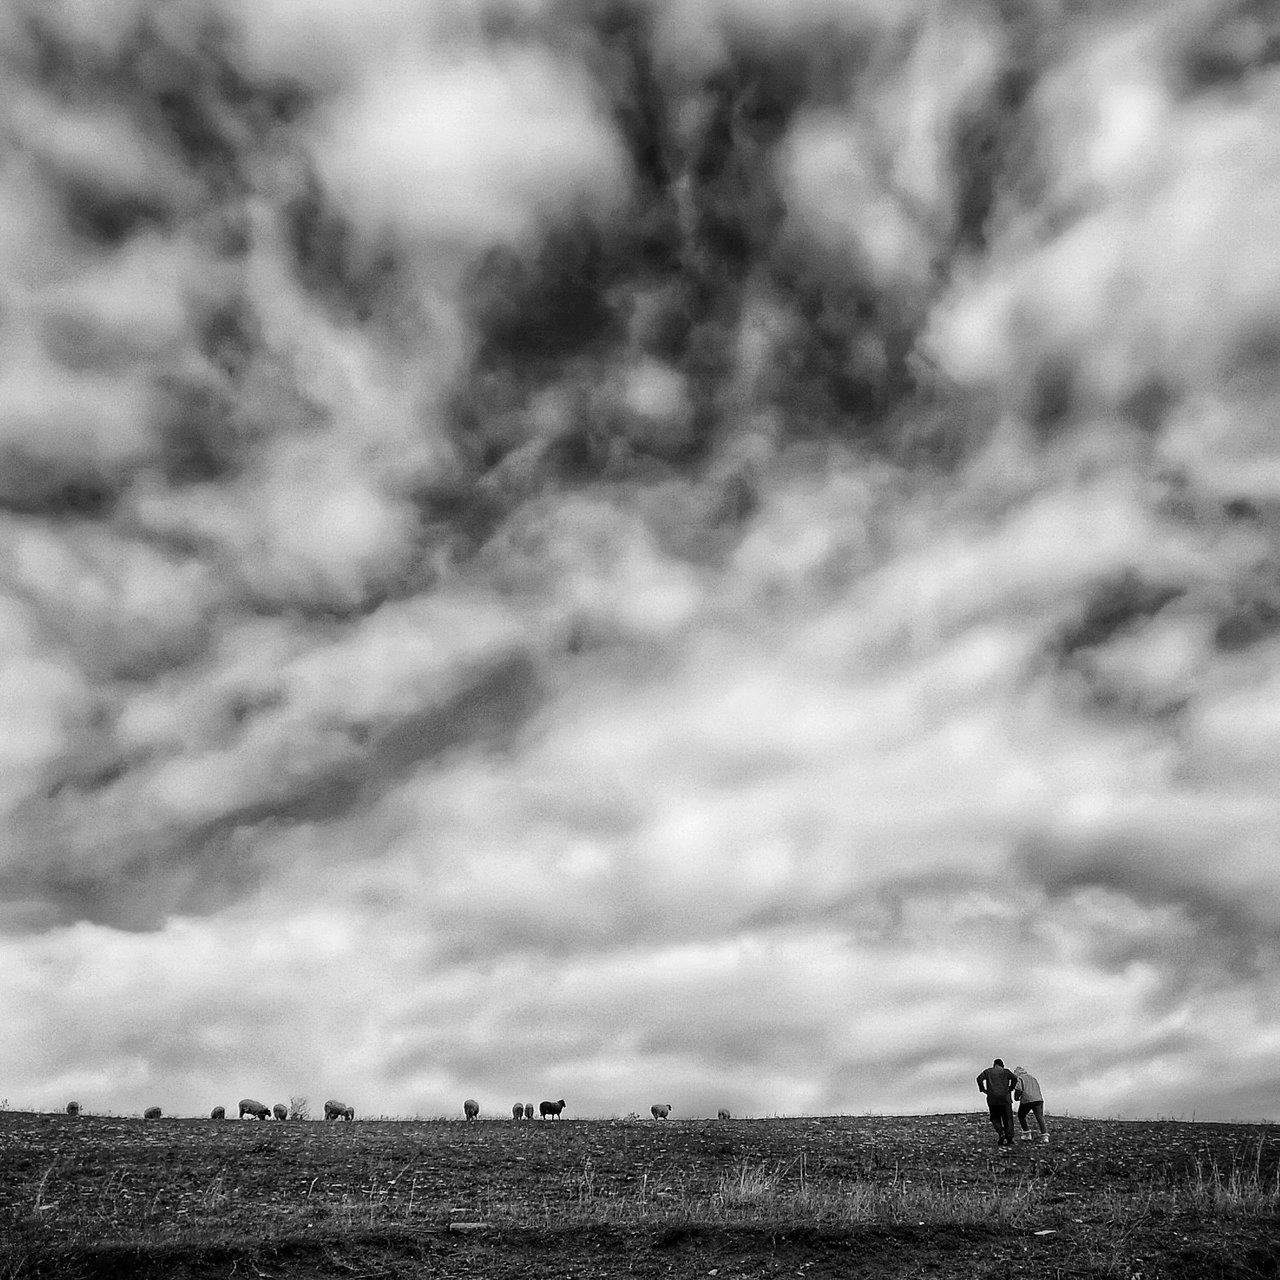 Photo in Daily round | Author kudra | PHOTO FORUM